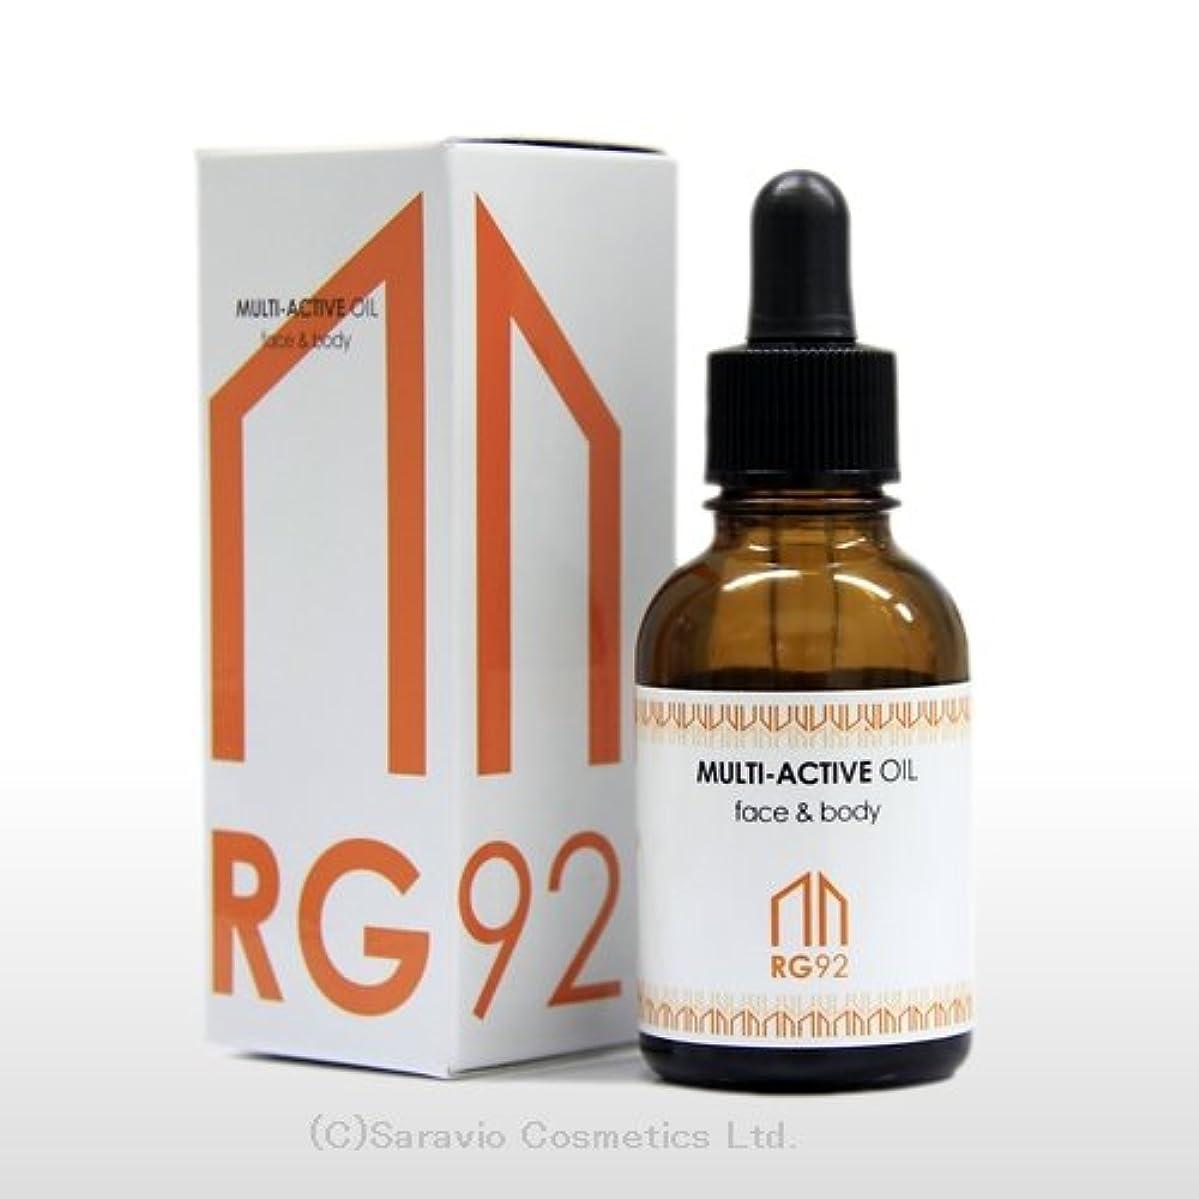 マリンゼリー計算するRG92マルチアクティブオイル